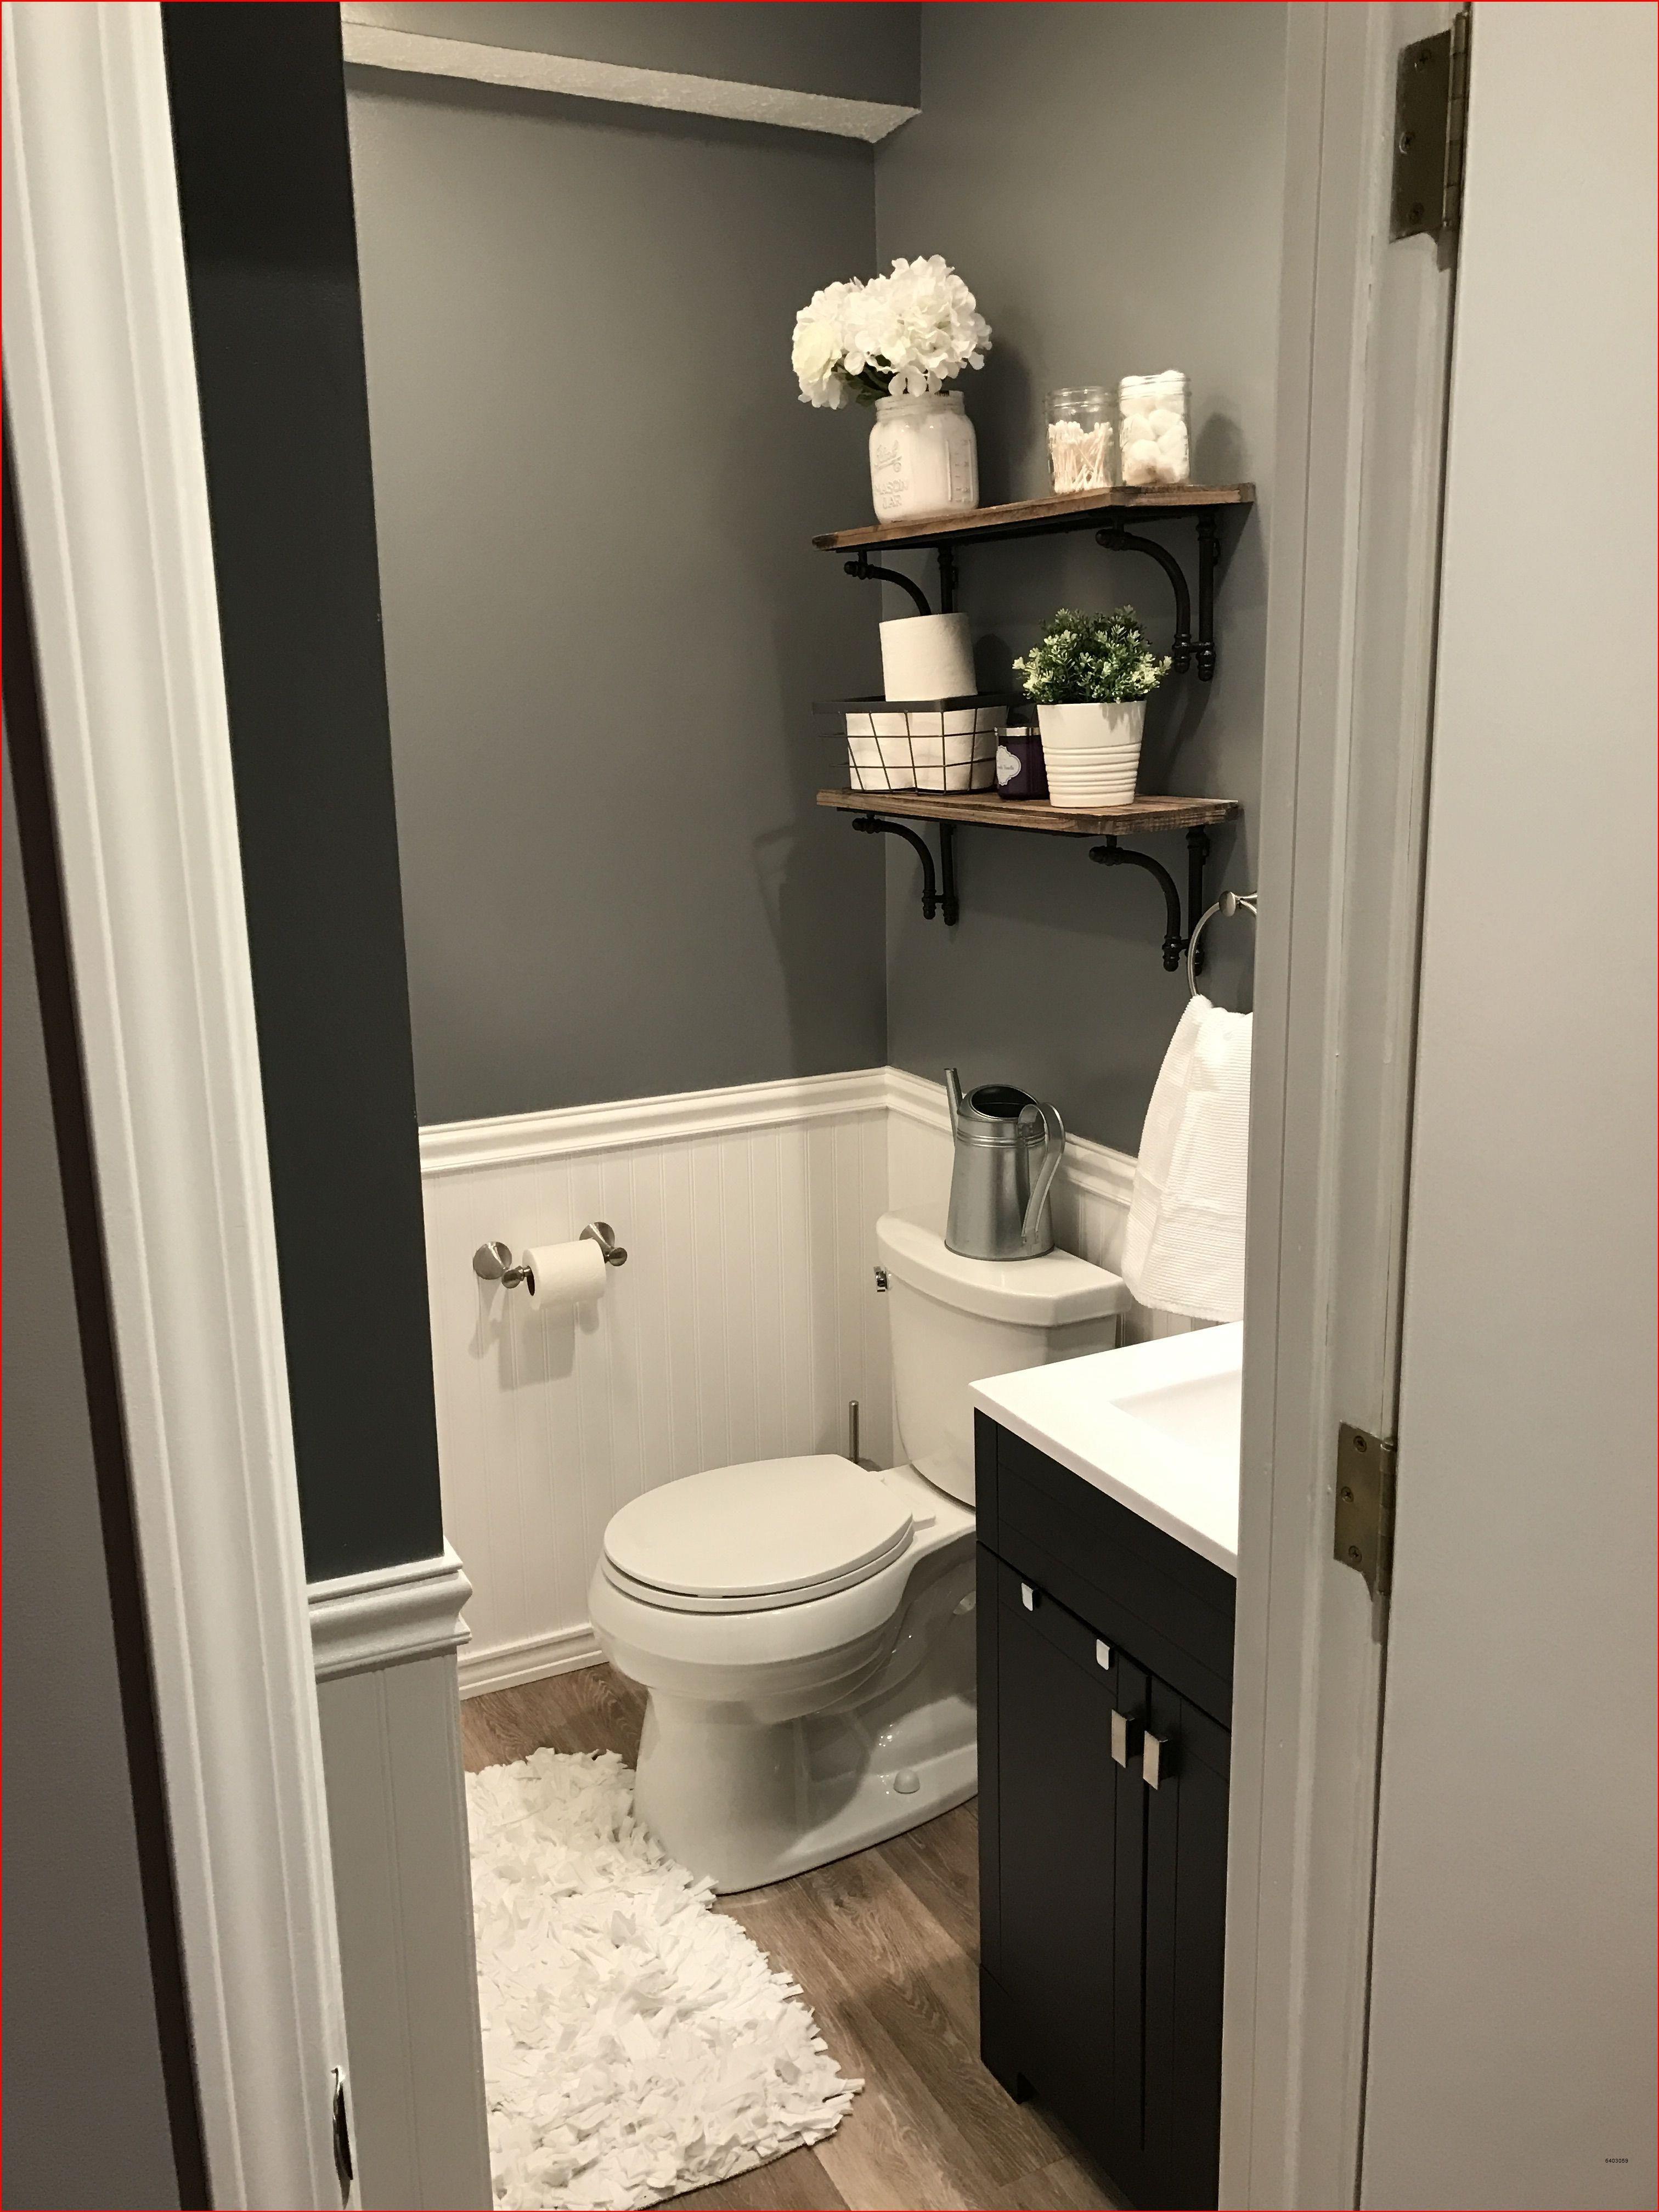 37+ Tiny farmhouse bathroom ideas ideas